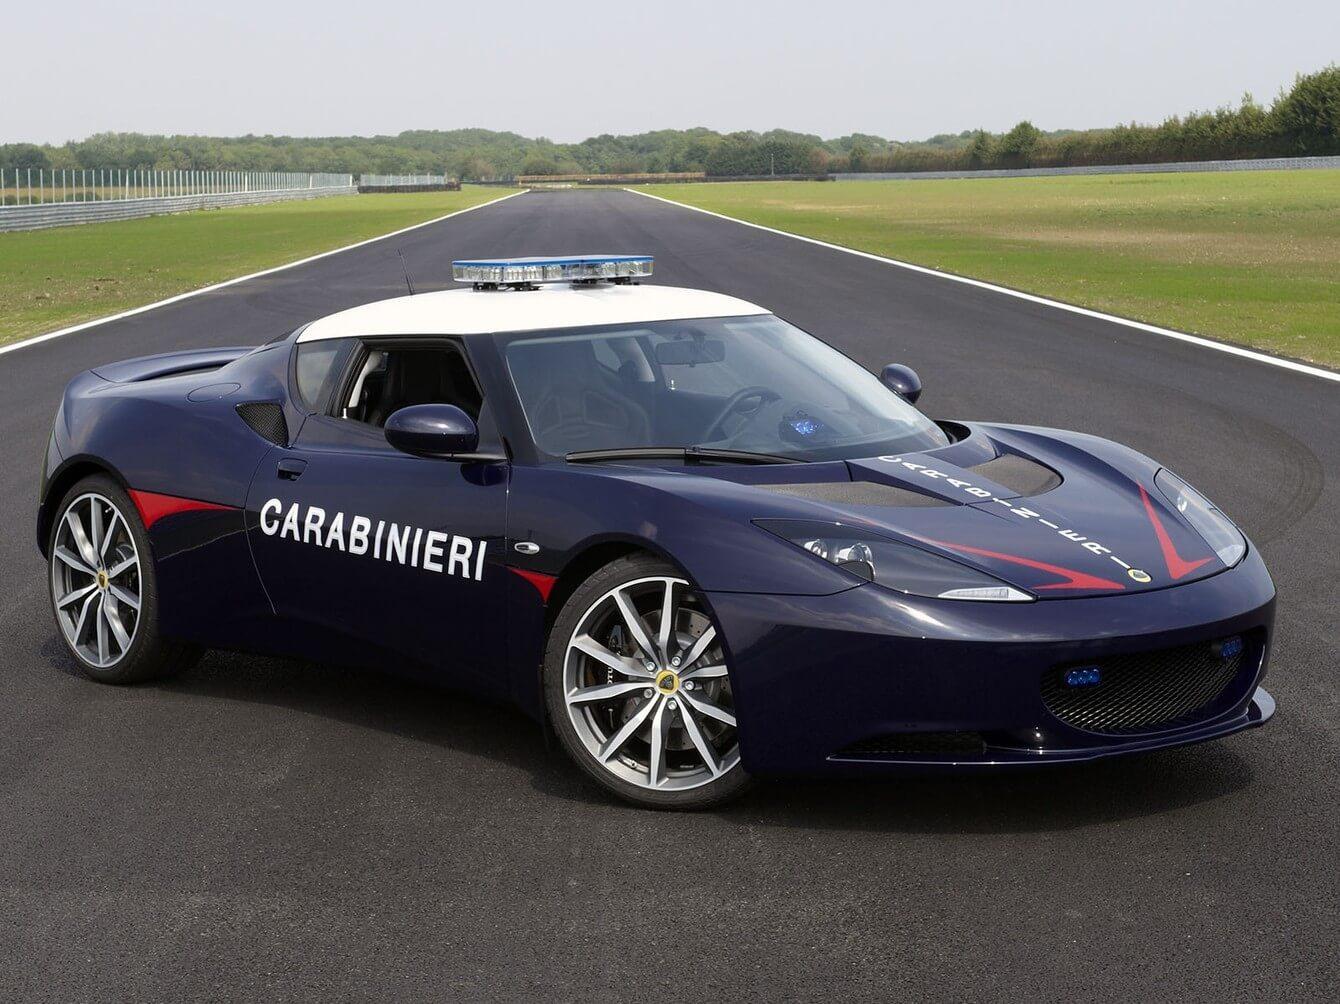 Самый быстрый автомобиль Италии